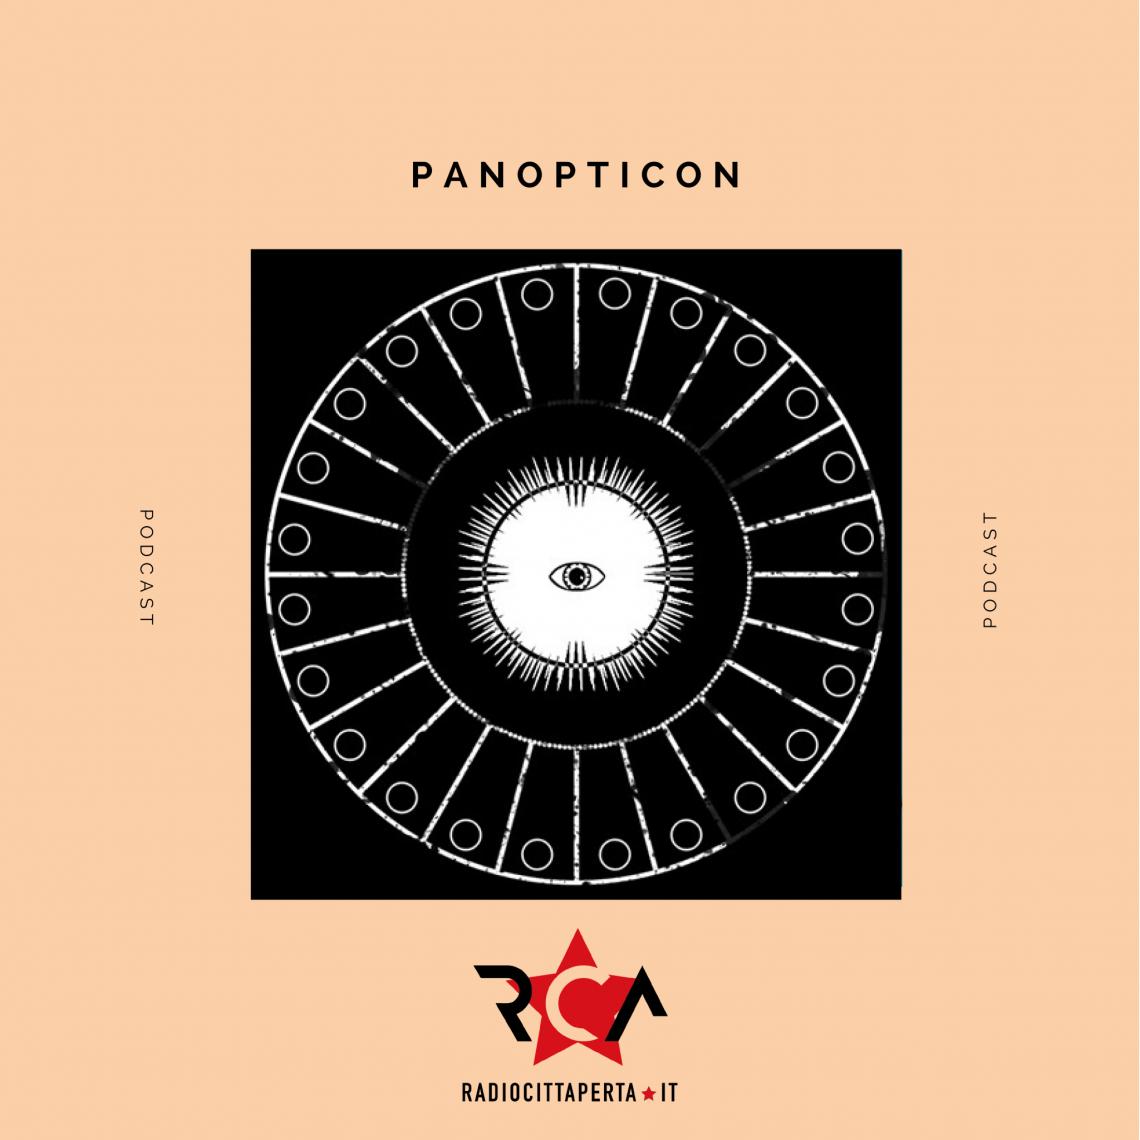 PANOPTICON con ANGELO PIANIZZOLA del 18-09-2018